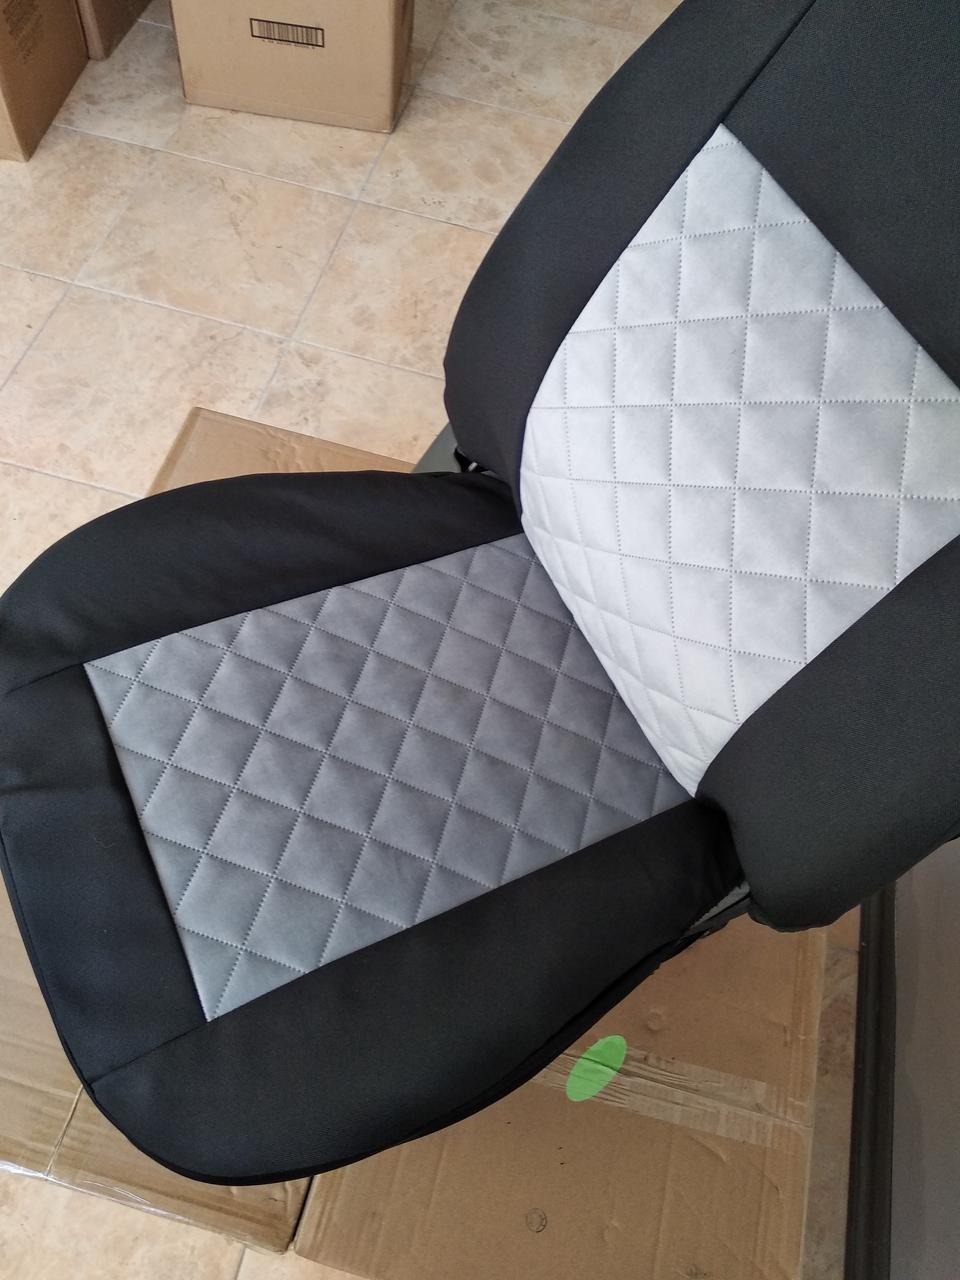 Майки на передние сидения МАХ алькантара комплект 1+1 серый светлый